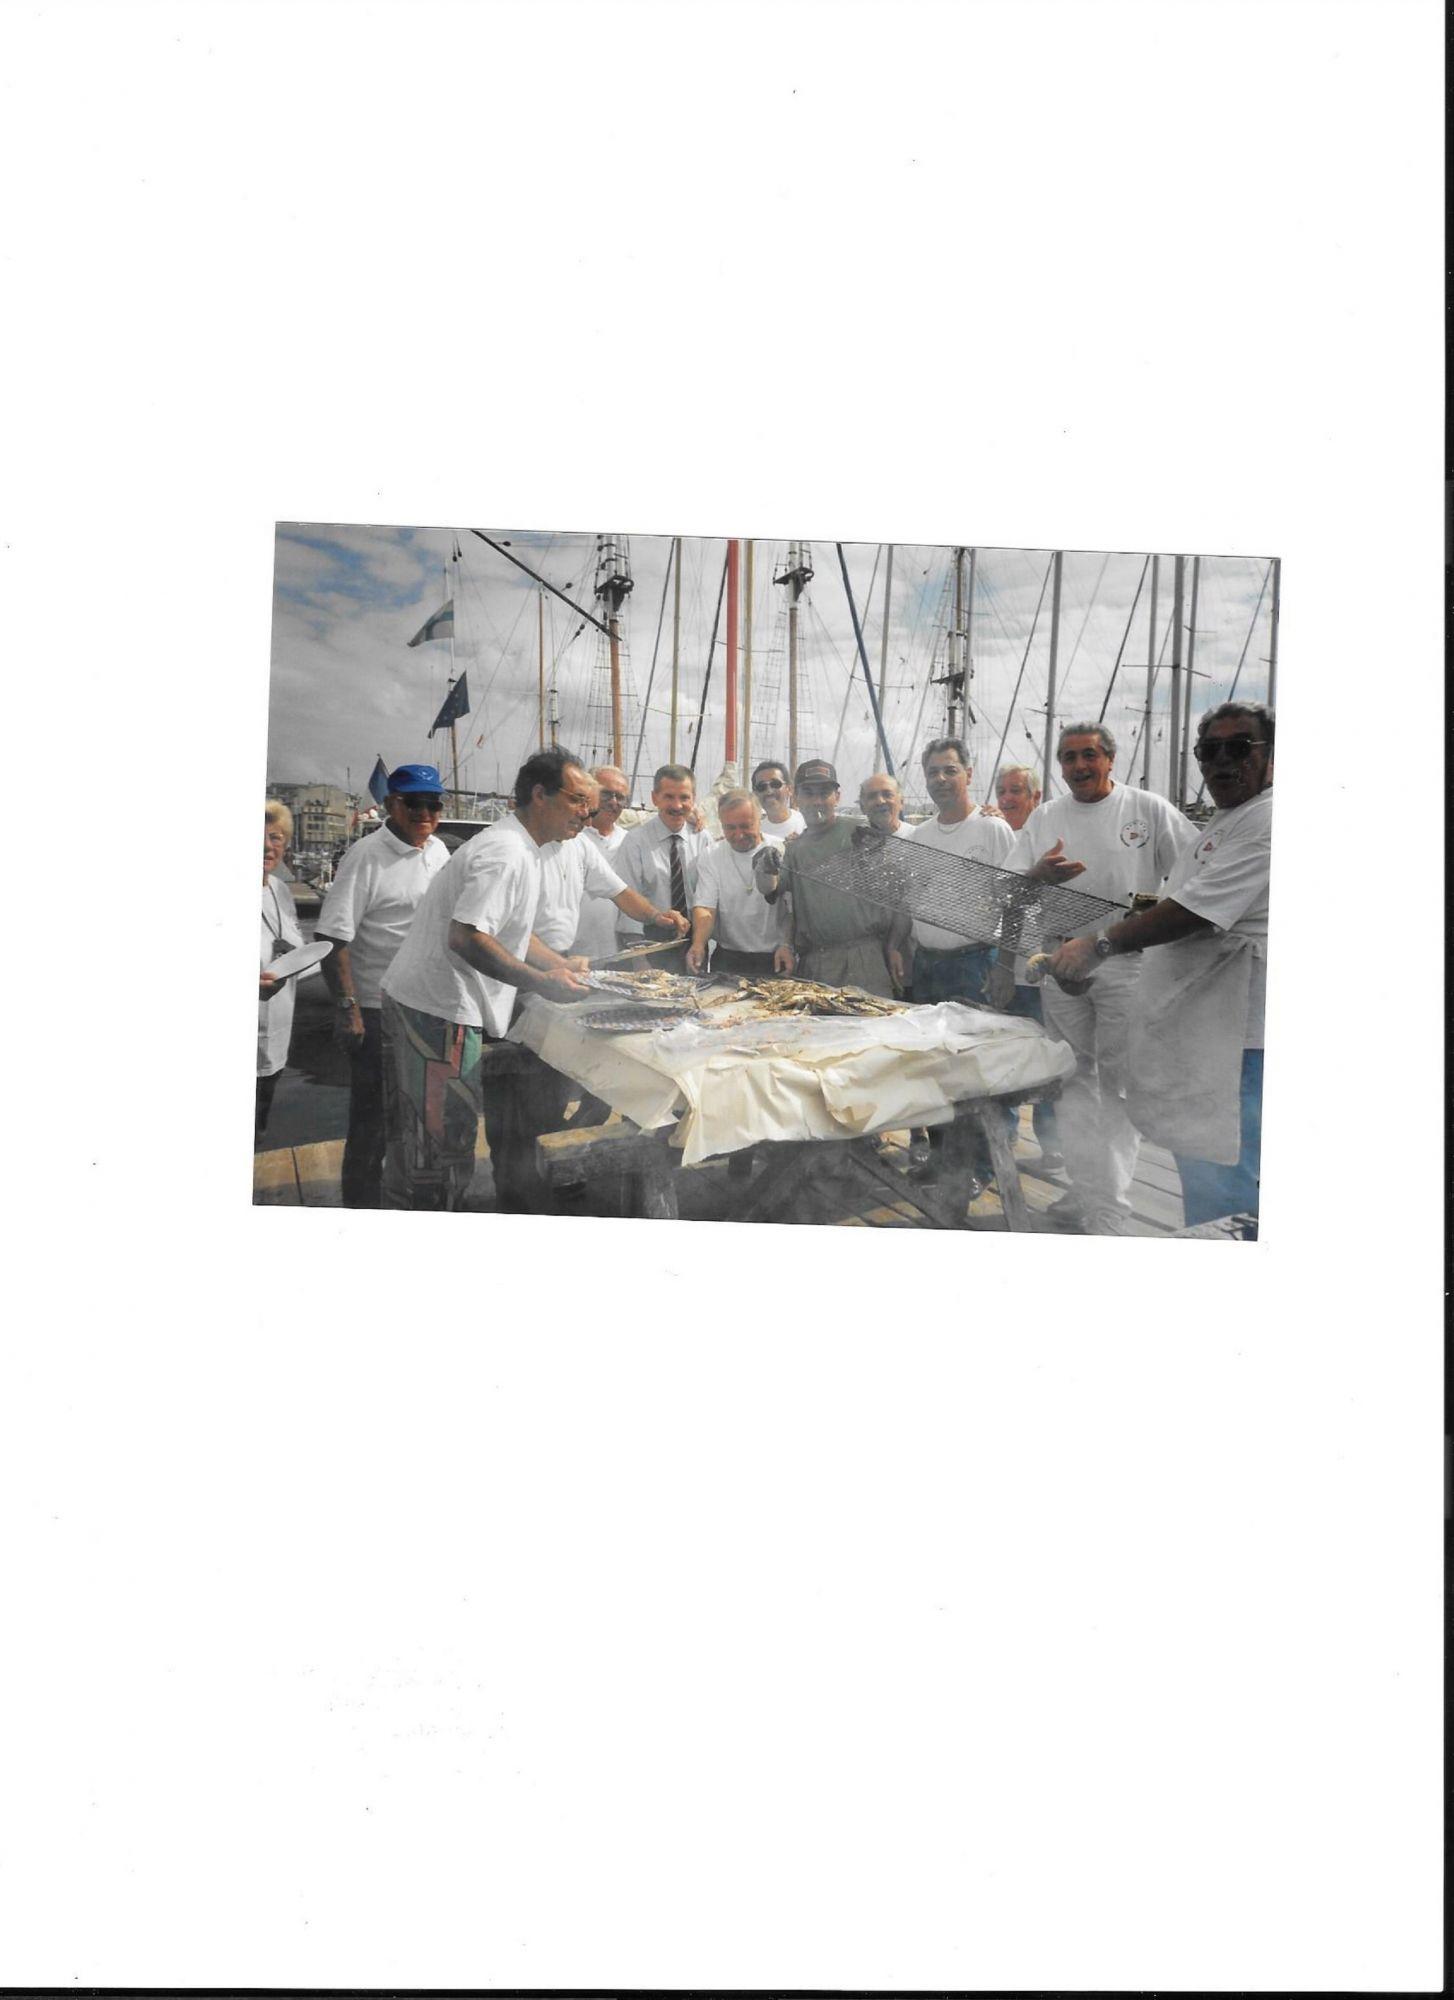 1999-09-sardinade-s-c-m